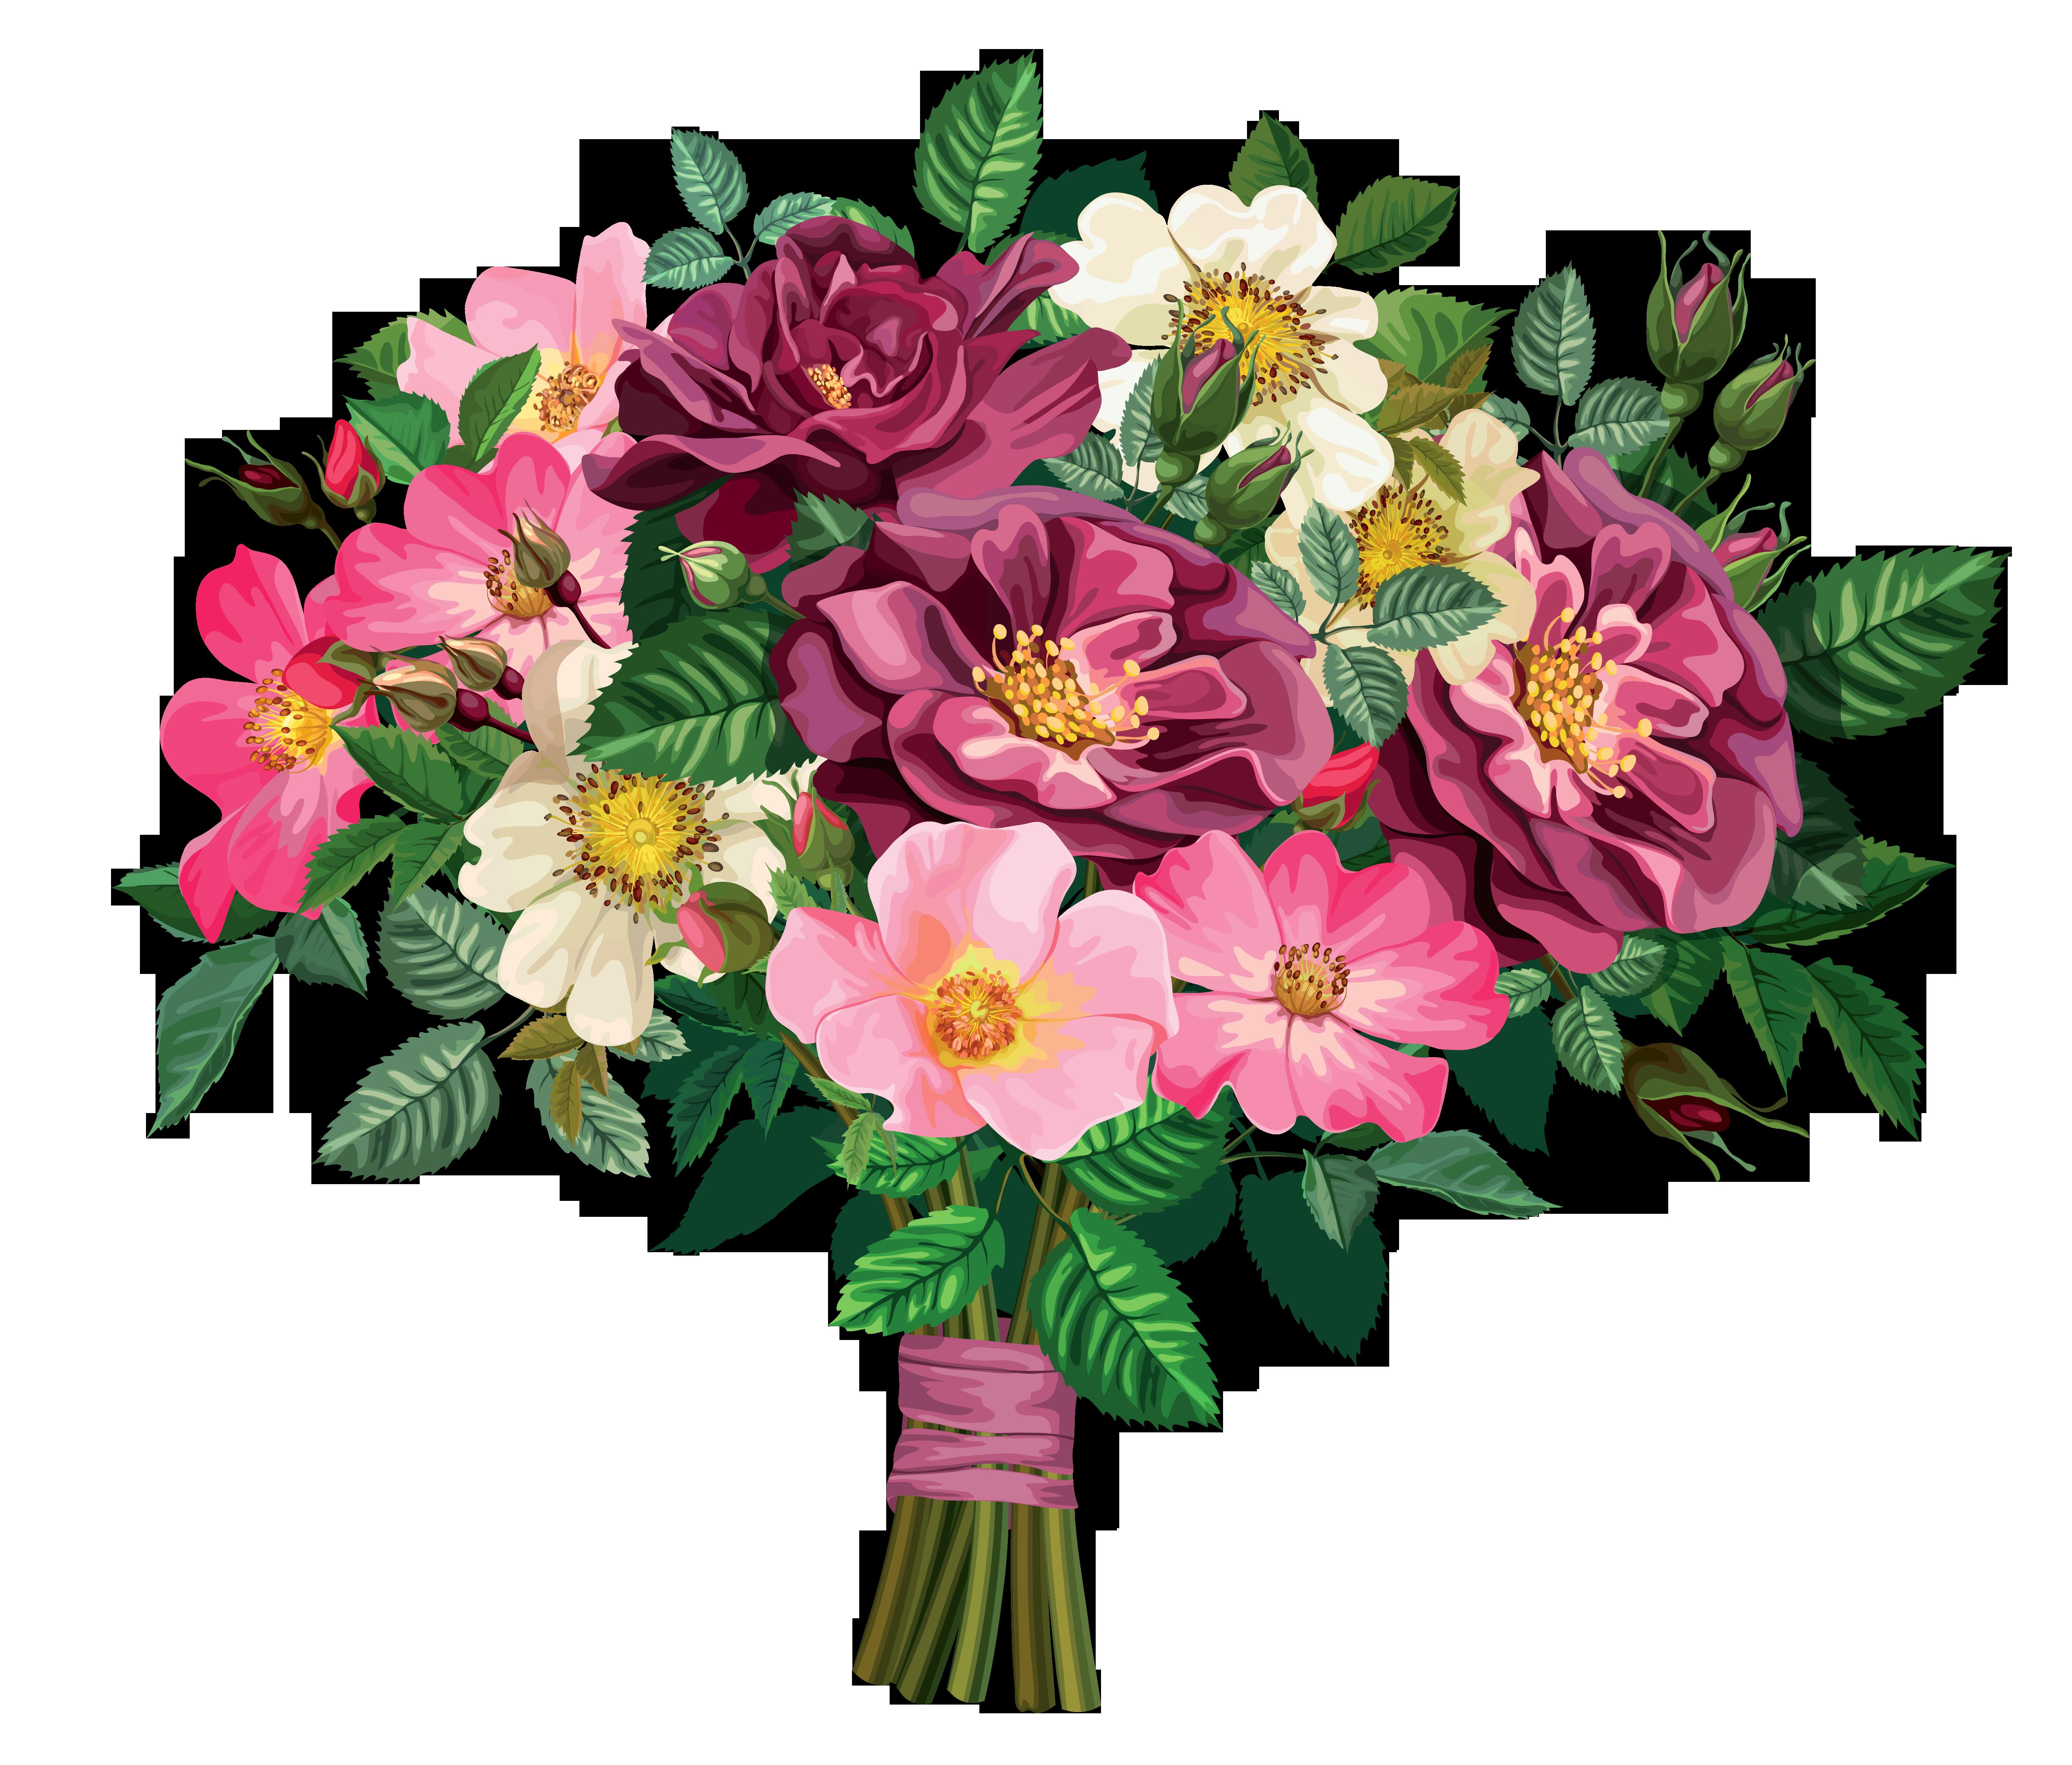 Rose Bouquet Transparent Clipart - Cliparts.co